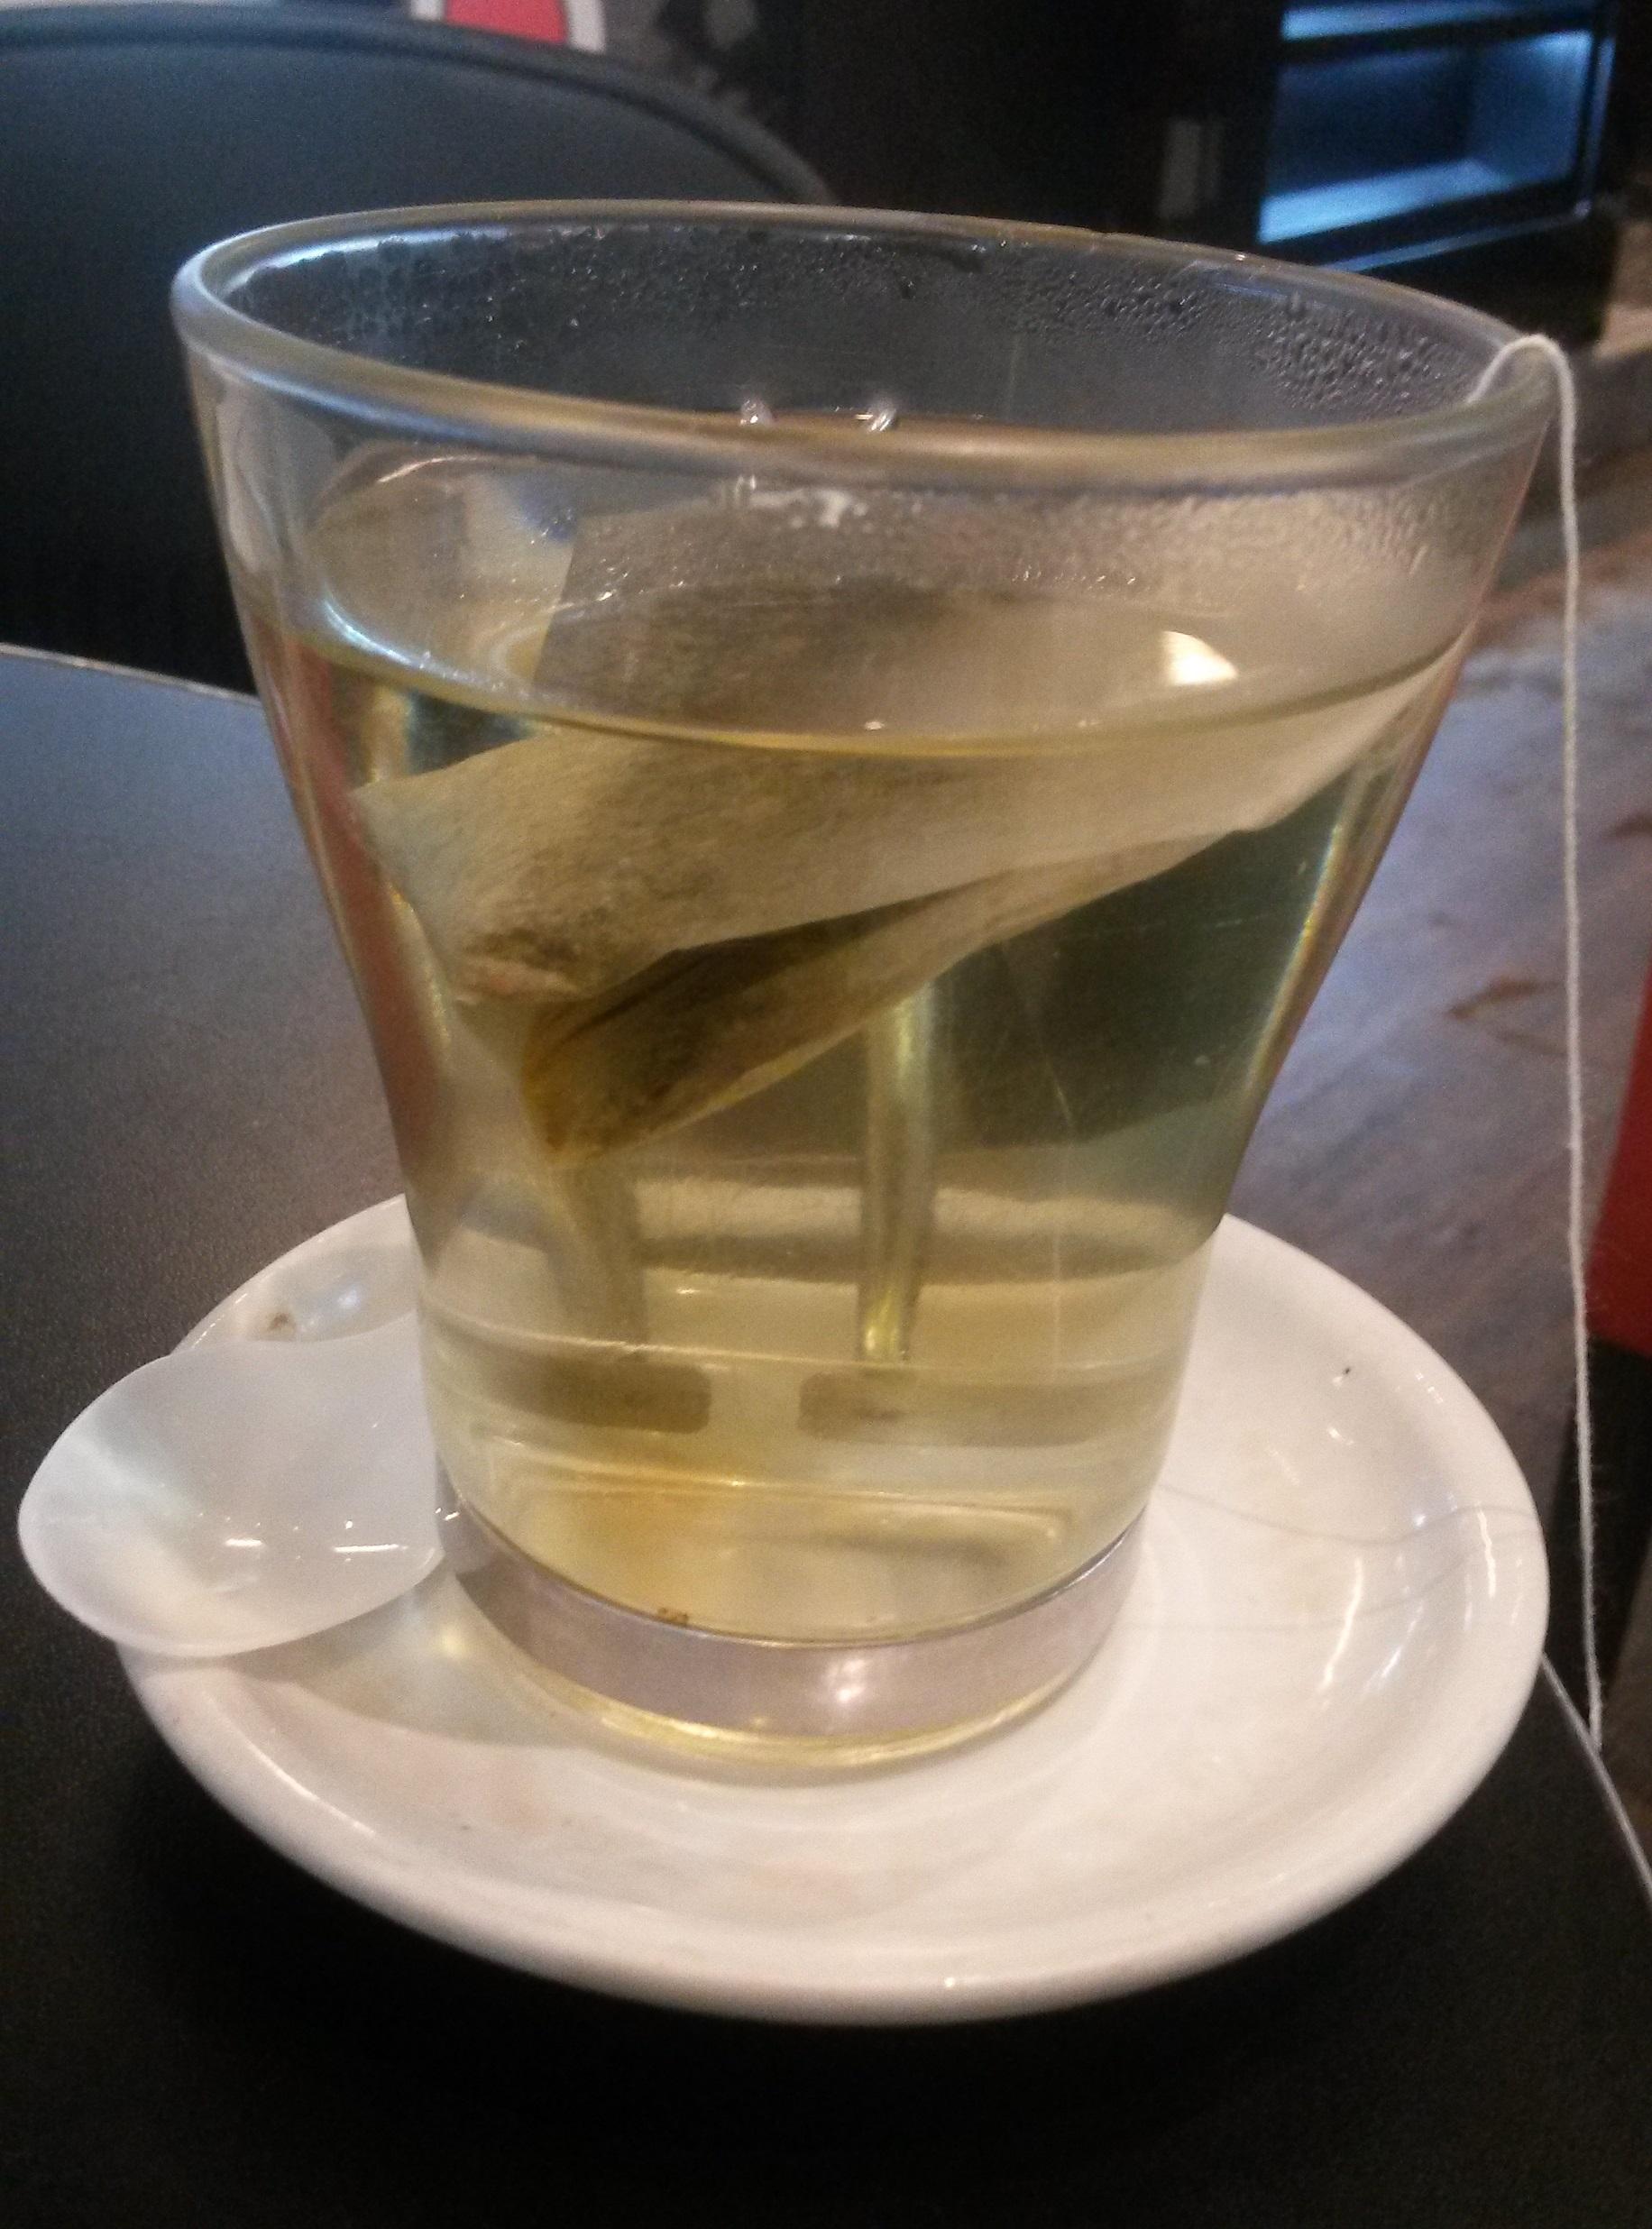 5 motivos pelos quais gosto de chá